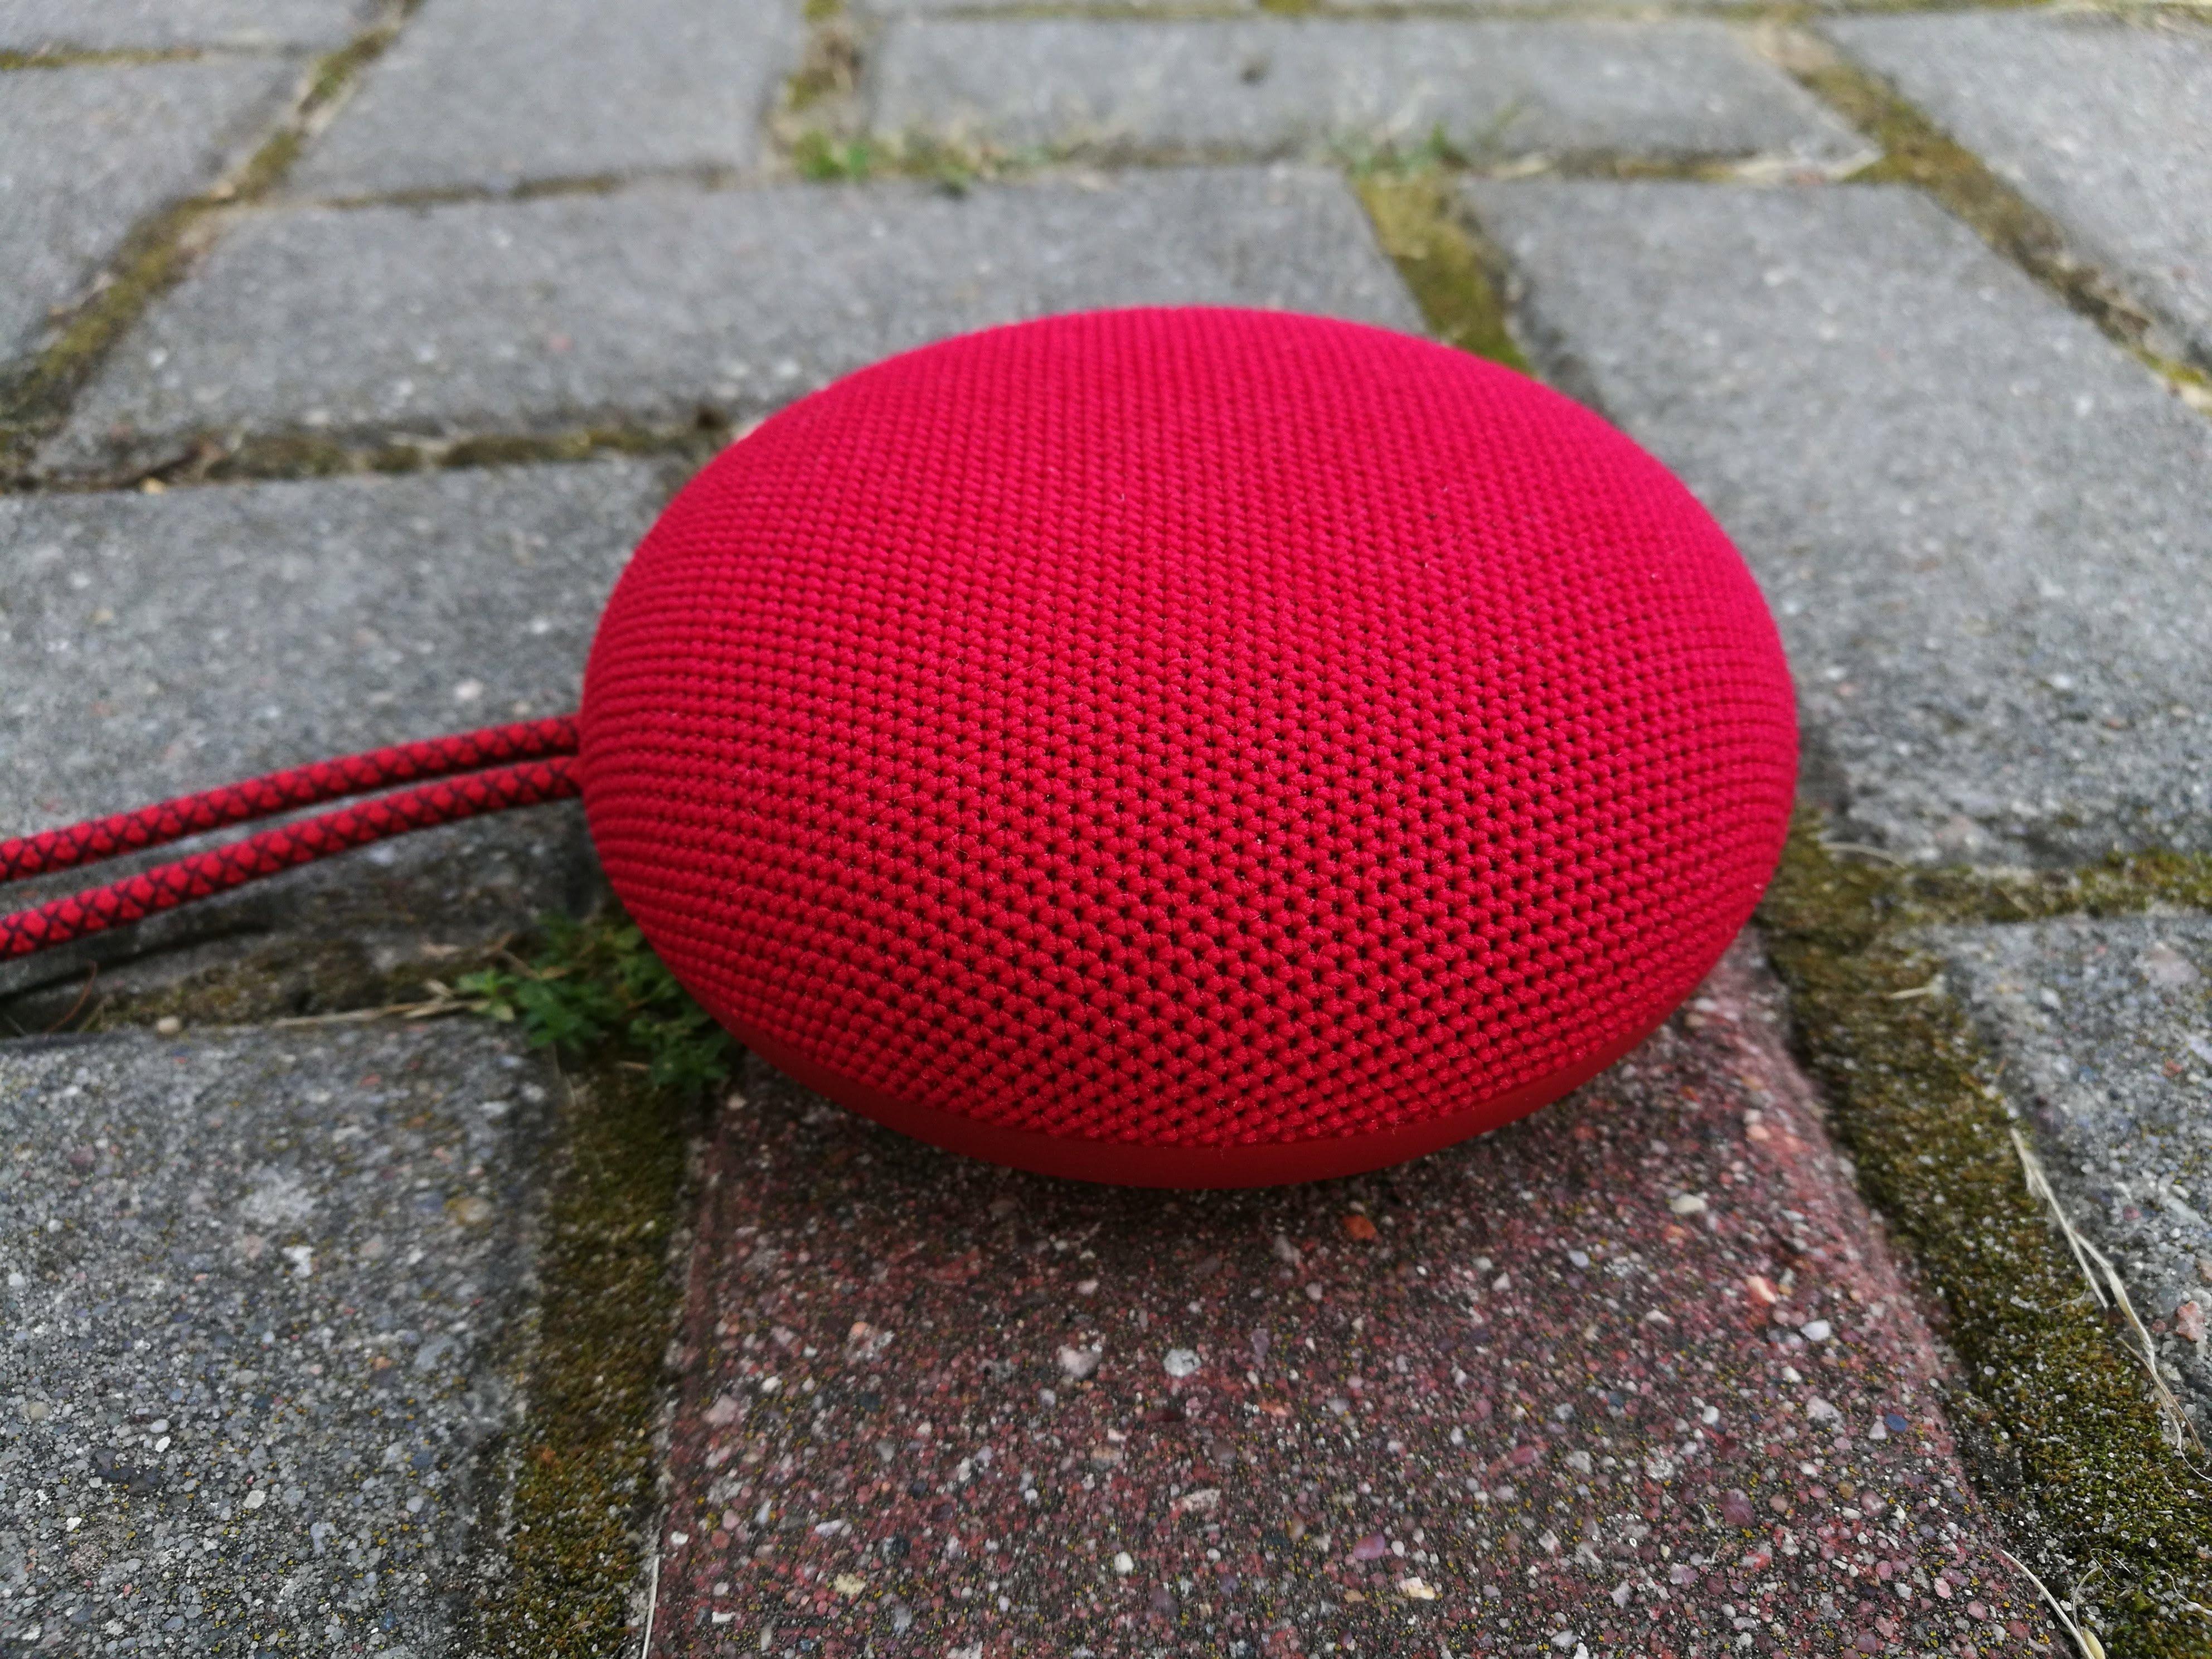 Krótka recenzja bezprzewodowego głośnika Huawei SoundStone CM51 30